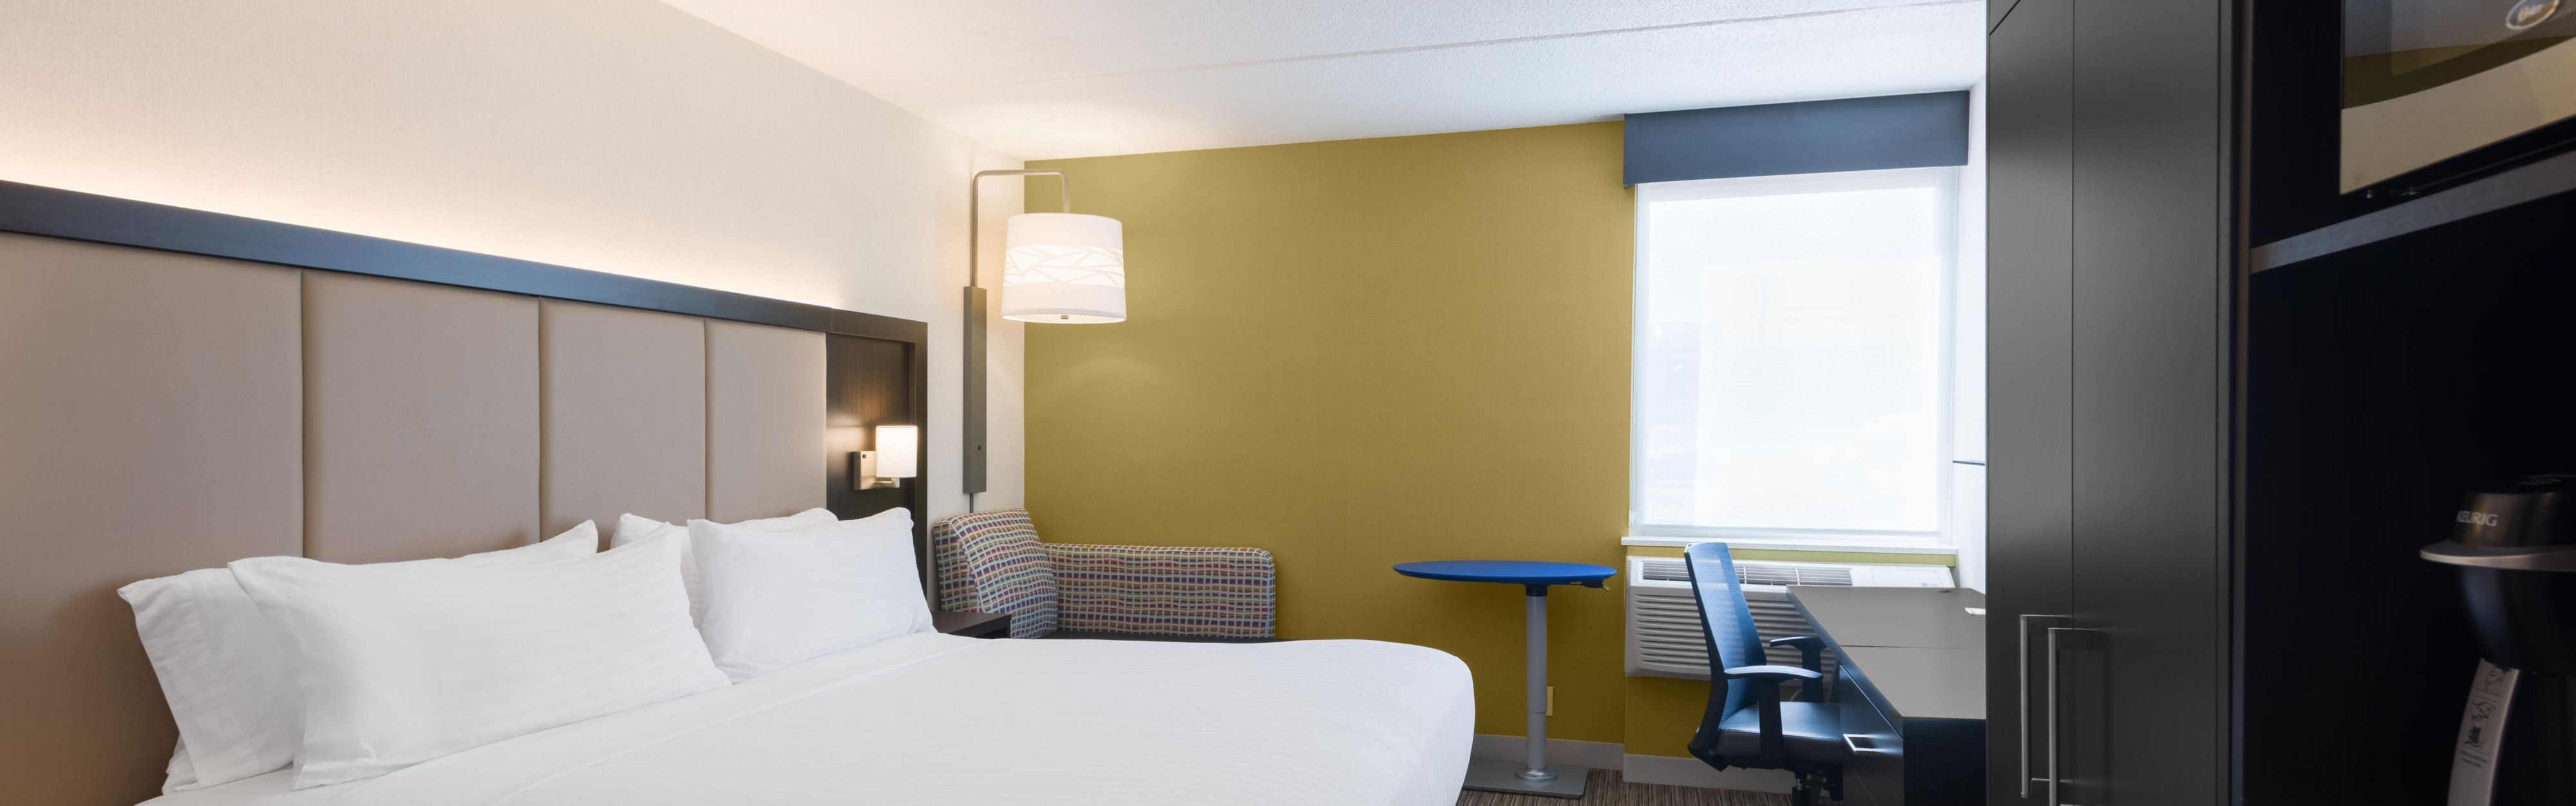 Holiday Inn Express Ramsey-Mahwah image 1